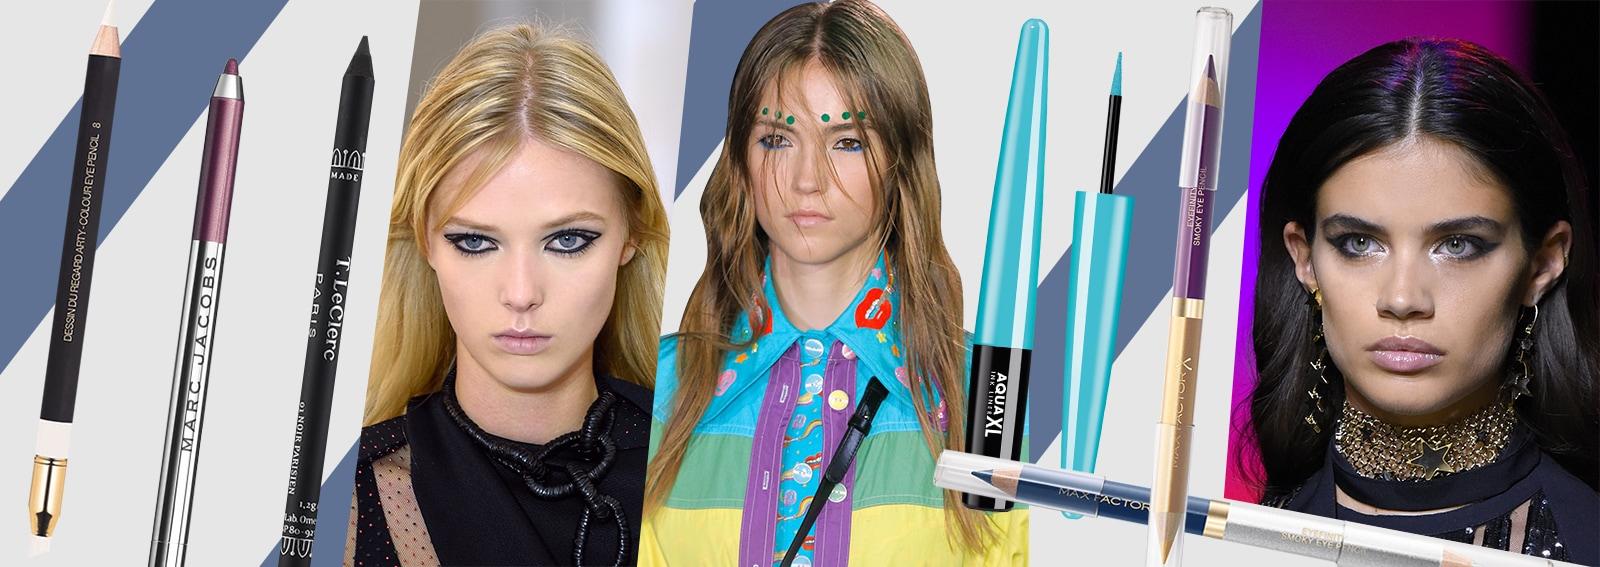 trucco eyeliner collage desktop